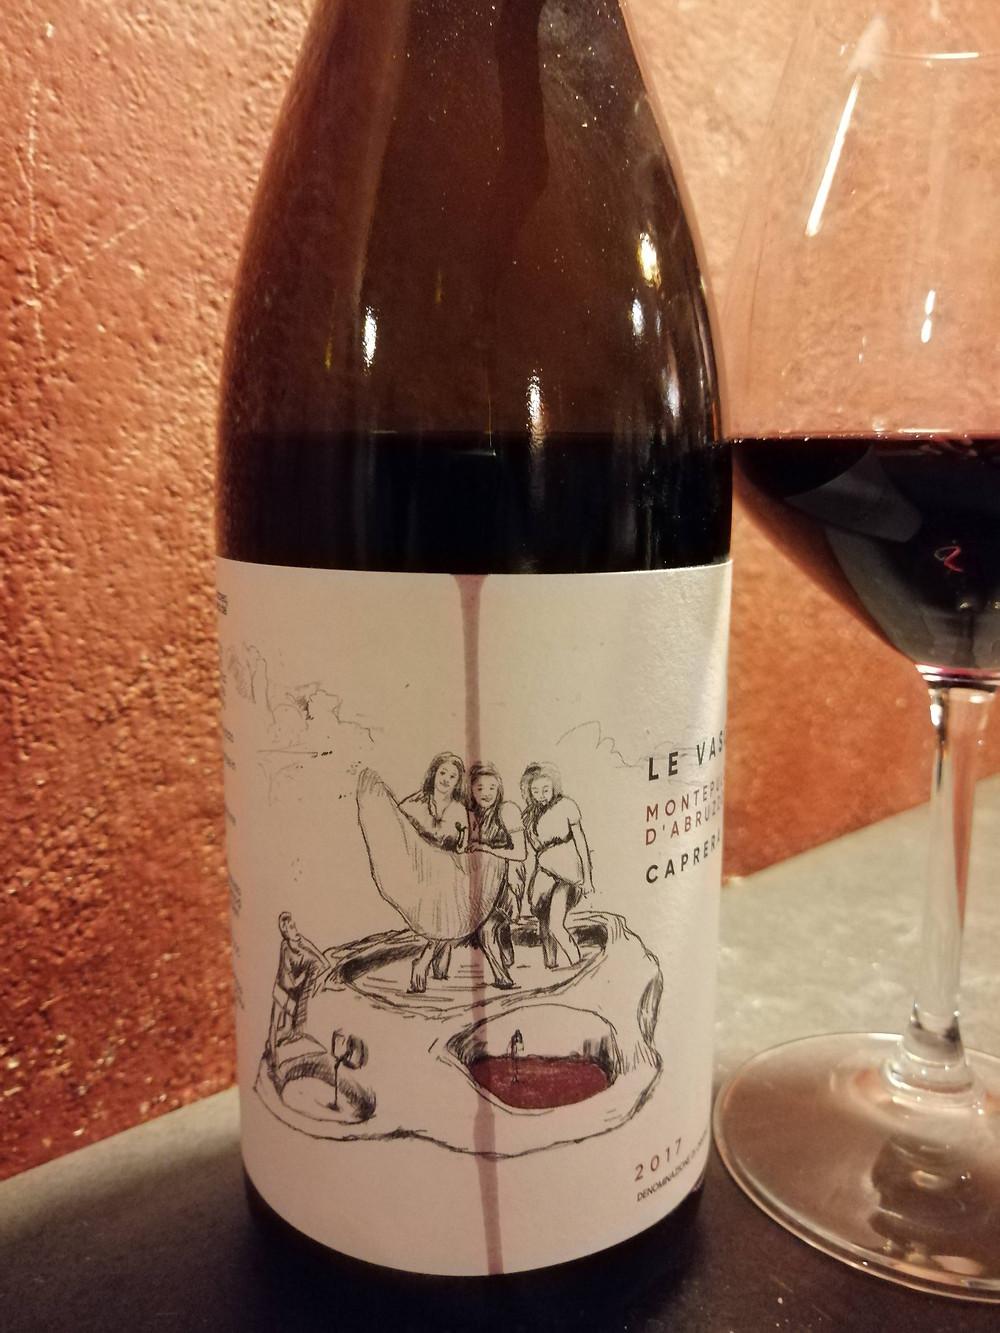 Etichetta vino rosso Le Vasche Montepulciano d'Abruzzo DOC, Caprera